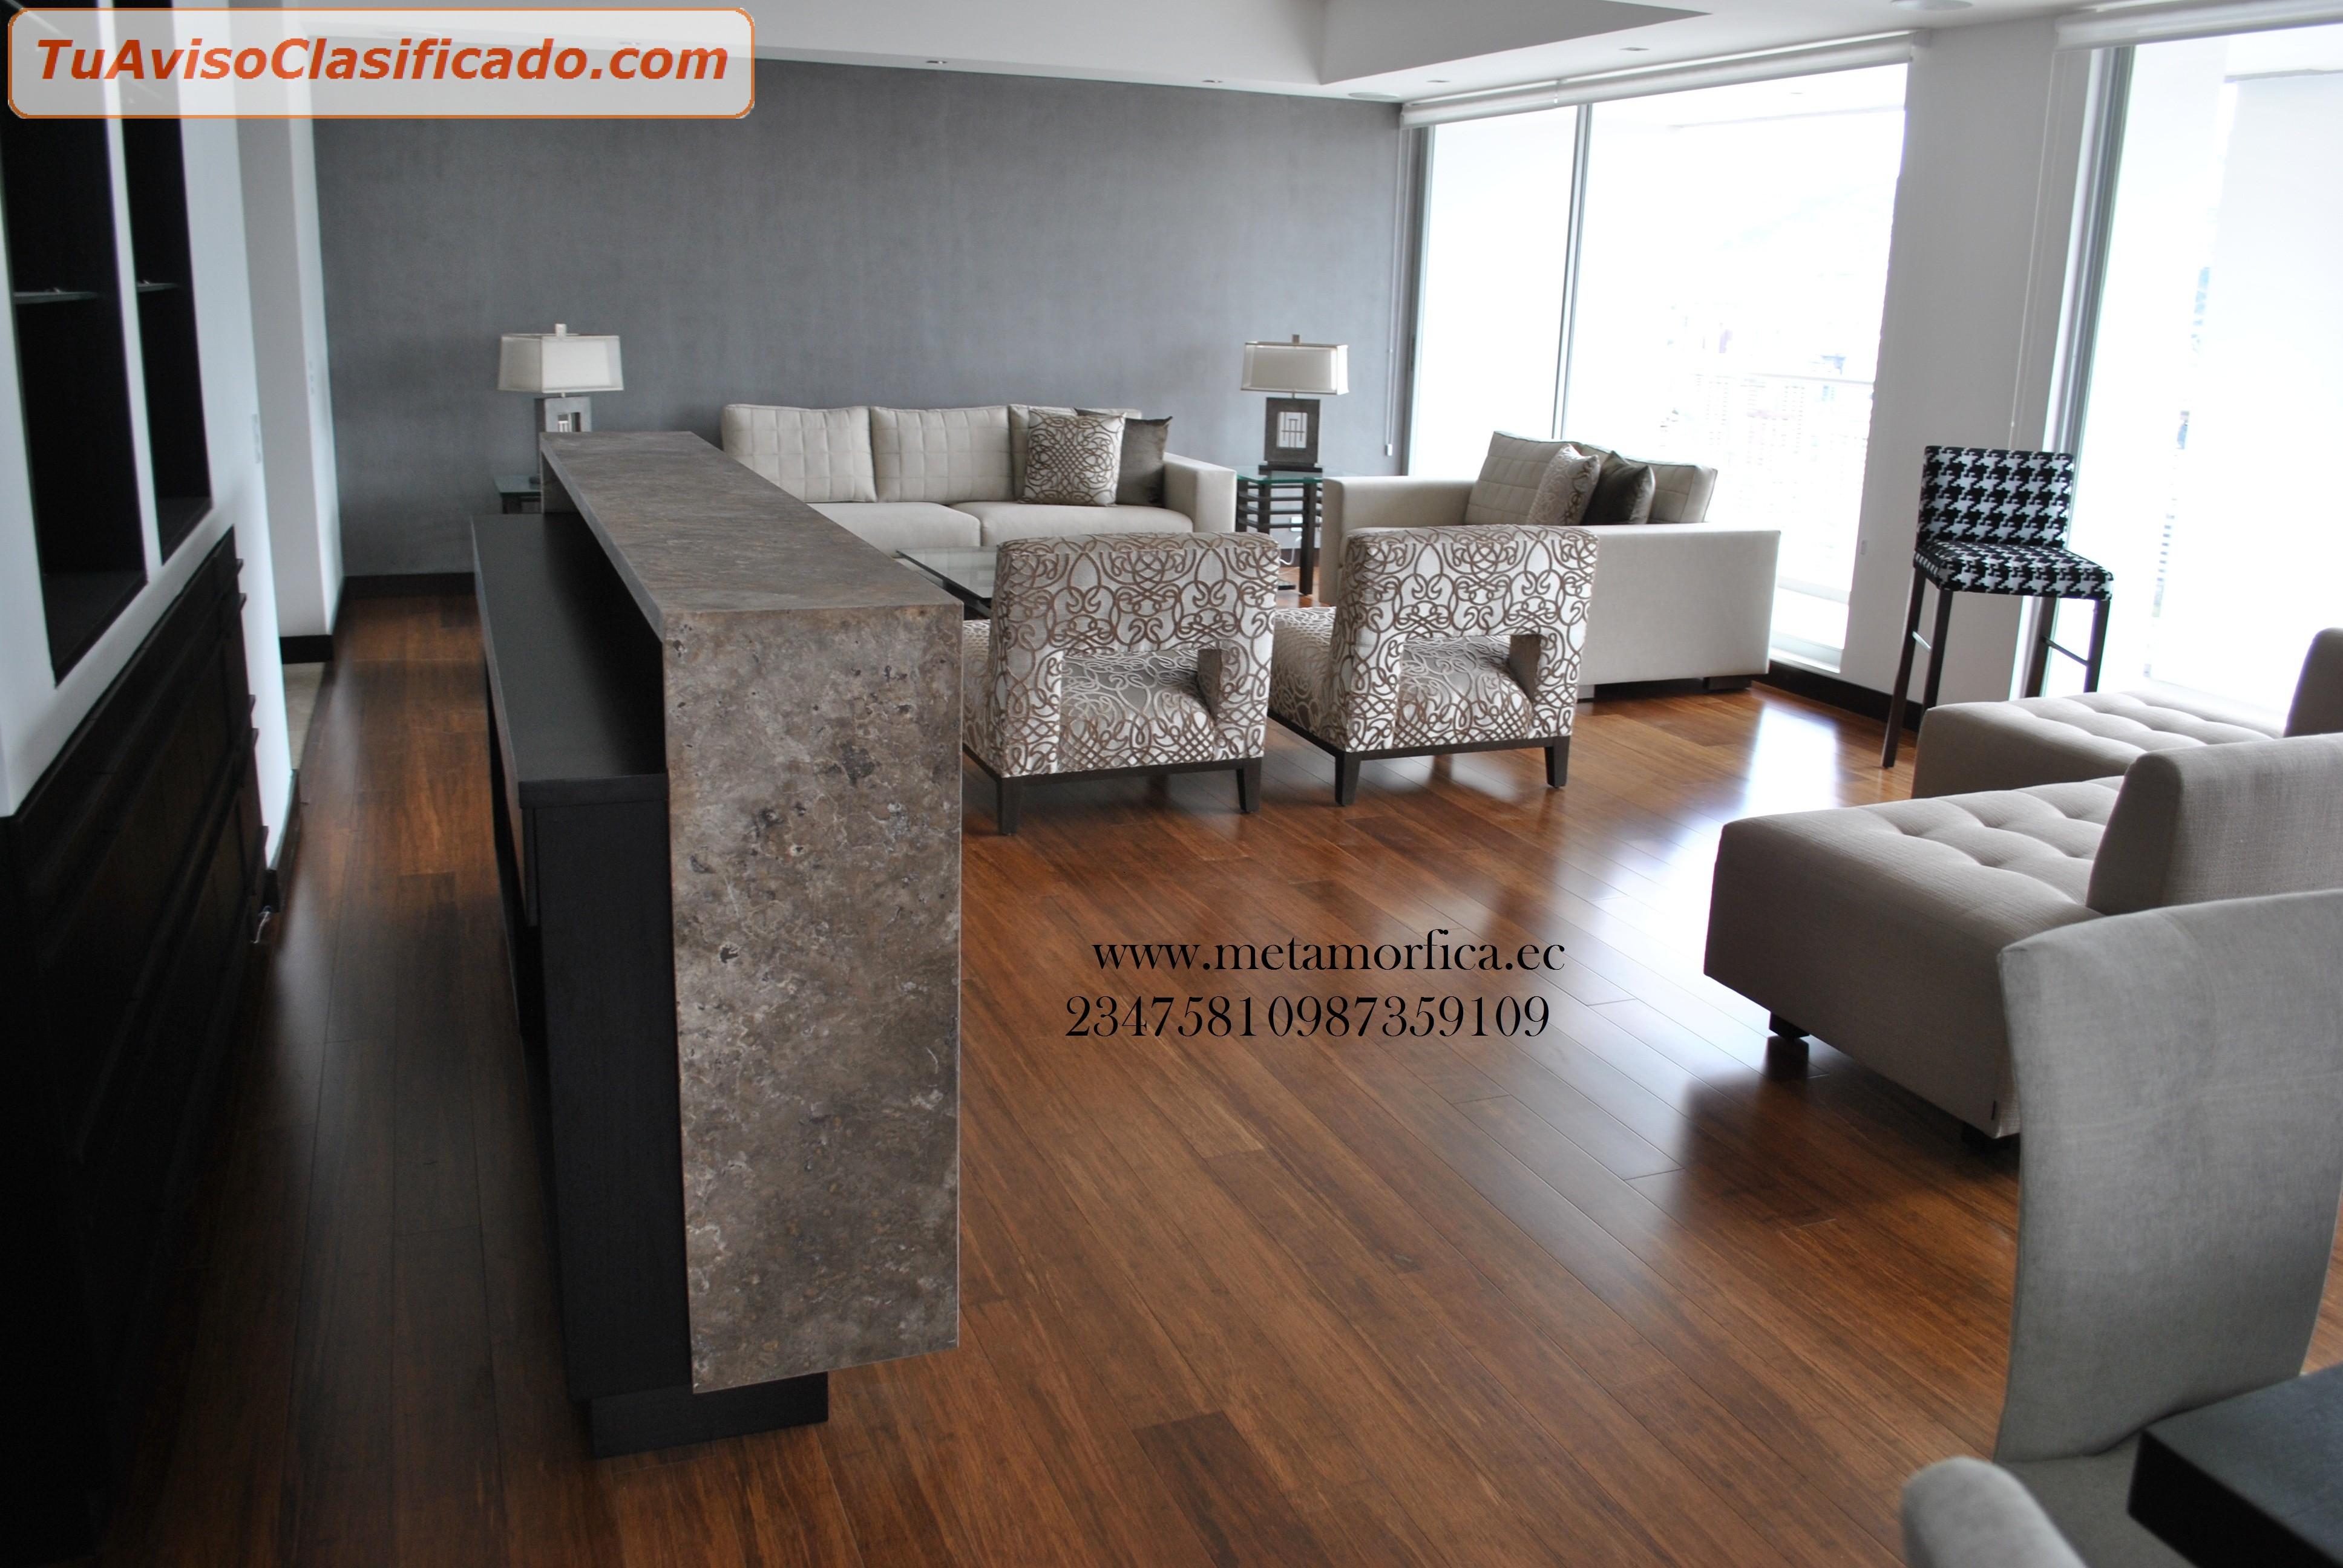 Granito importado 70ml servicios y comercios for Granito importado